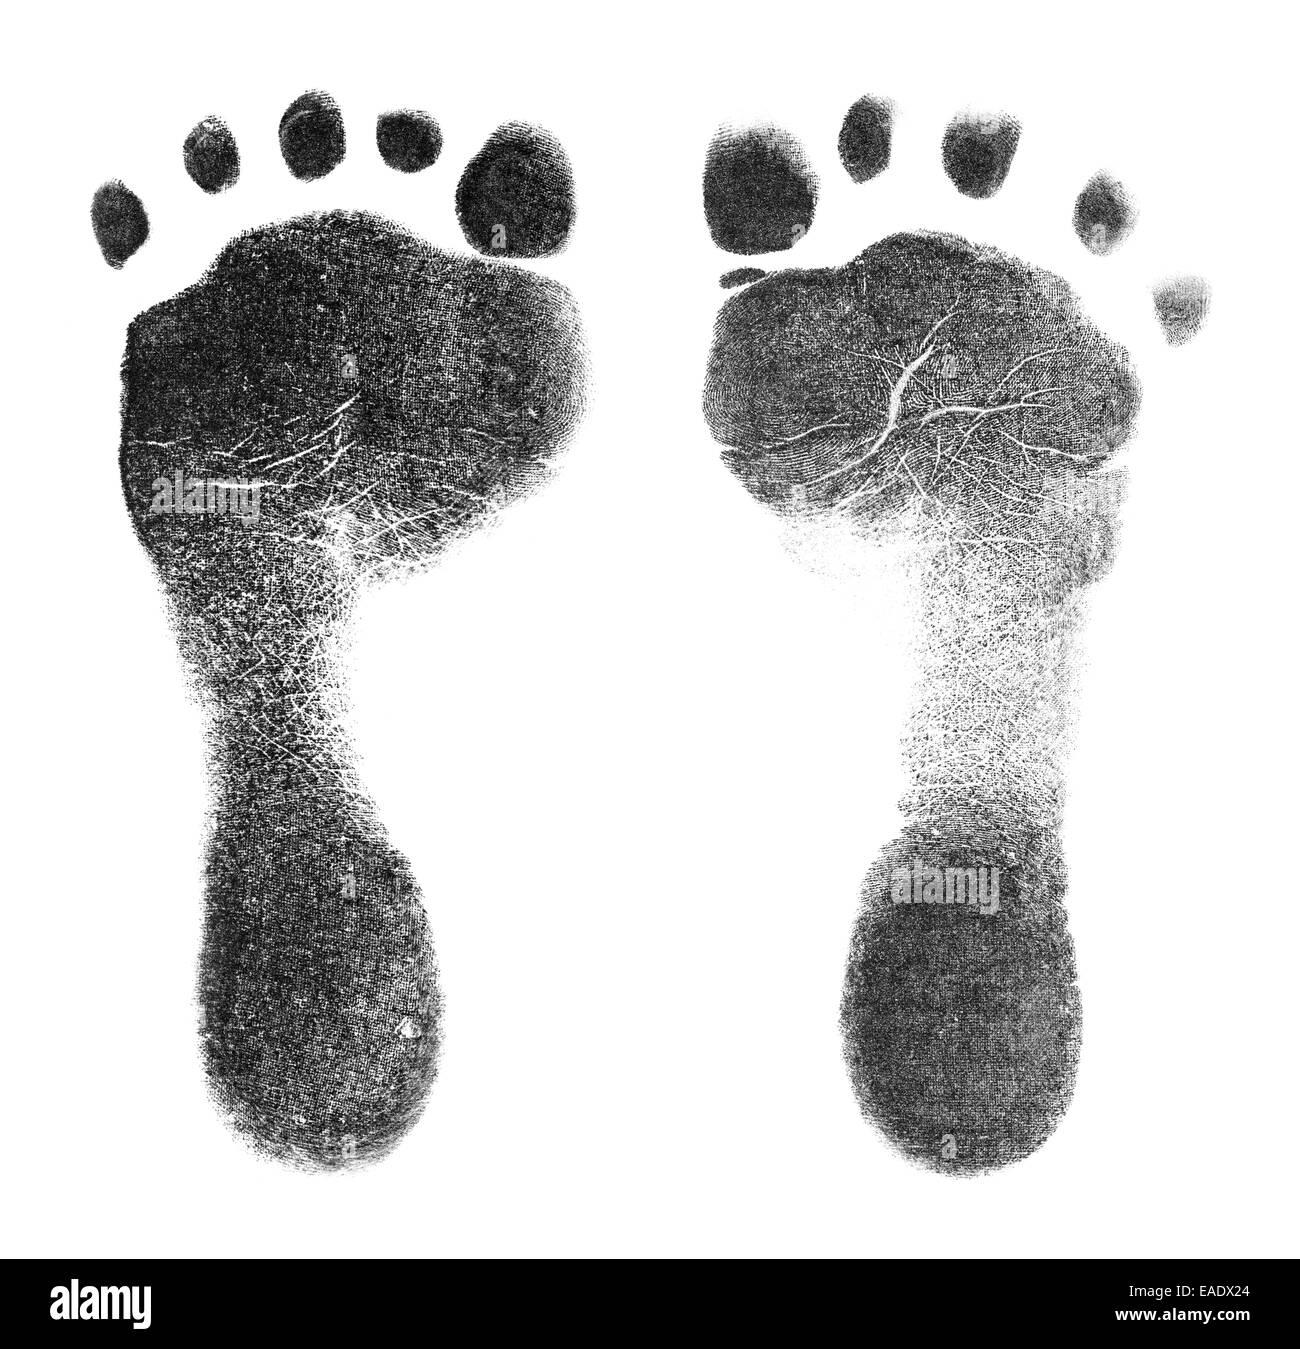 Schwarz Baby Foot Prints isoliert auf weißem Hintergrund. Stockbild